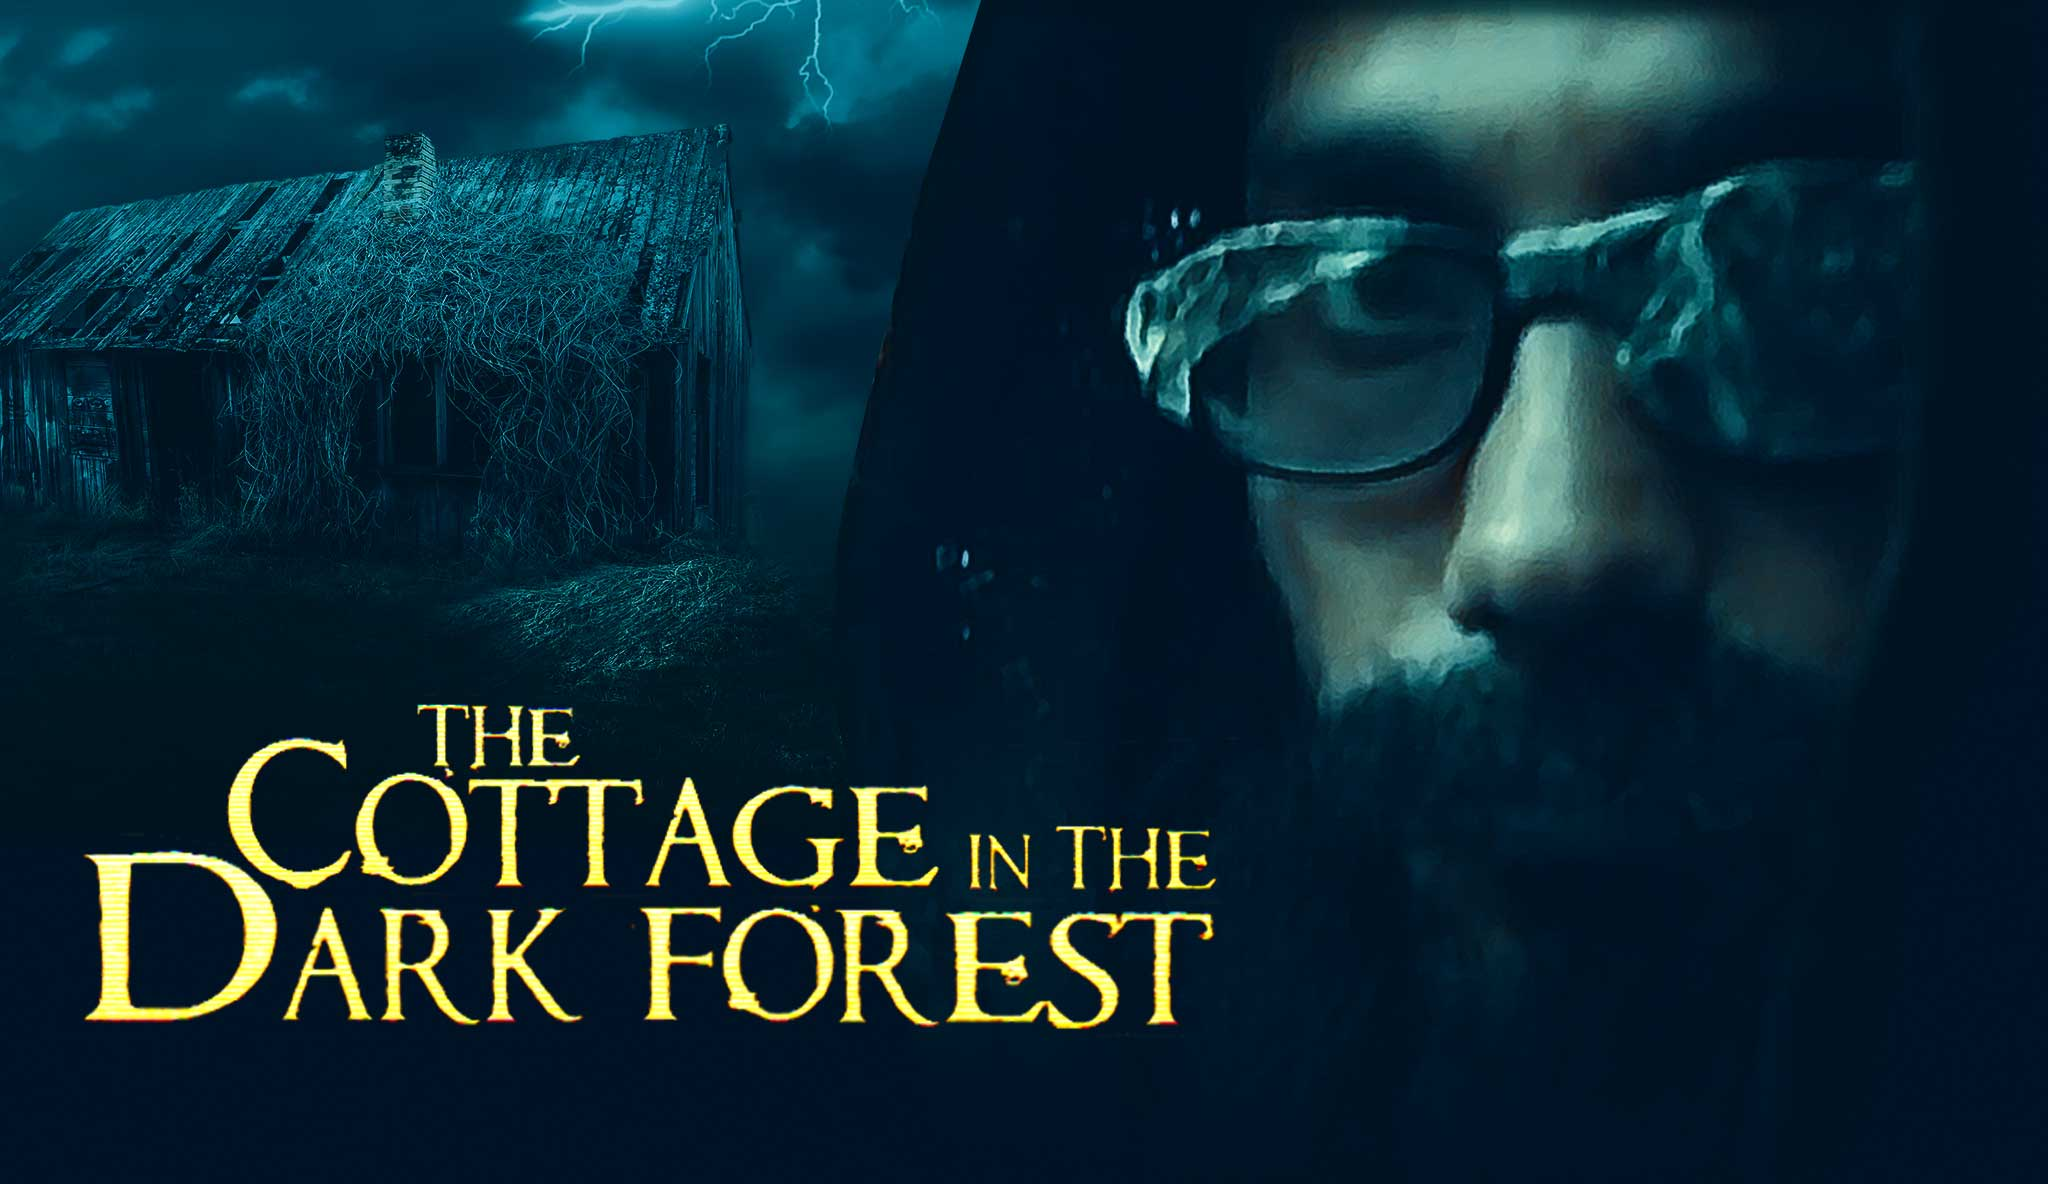 the-cottage-in-the-drak-forest-der-puppenspieler\header.jpg